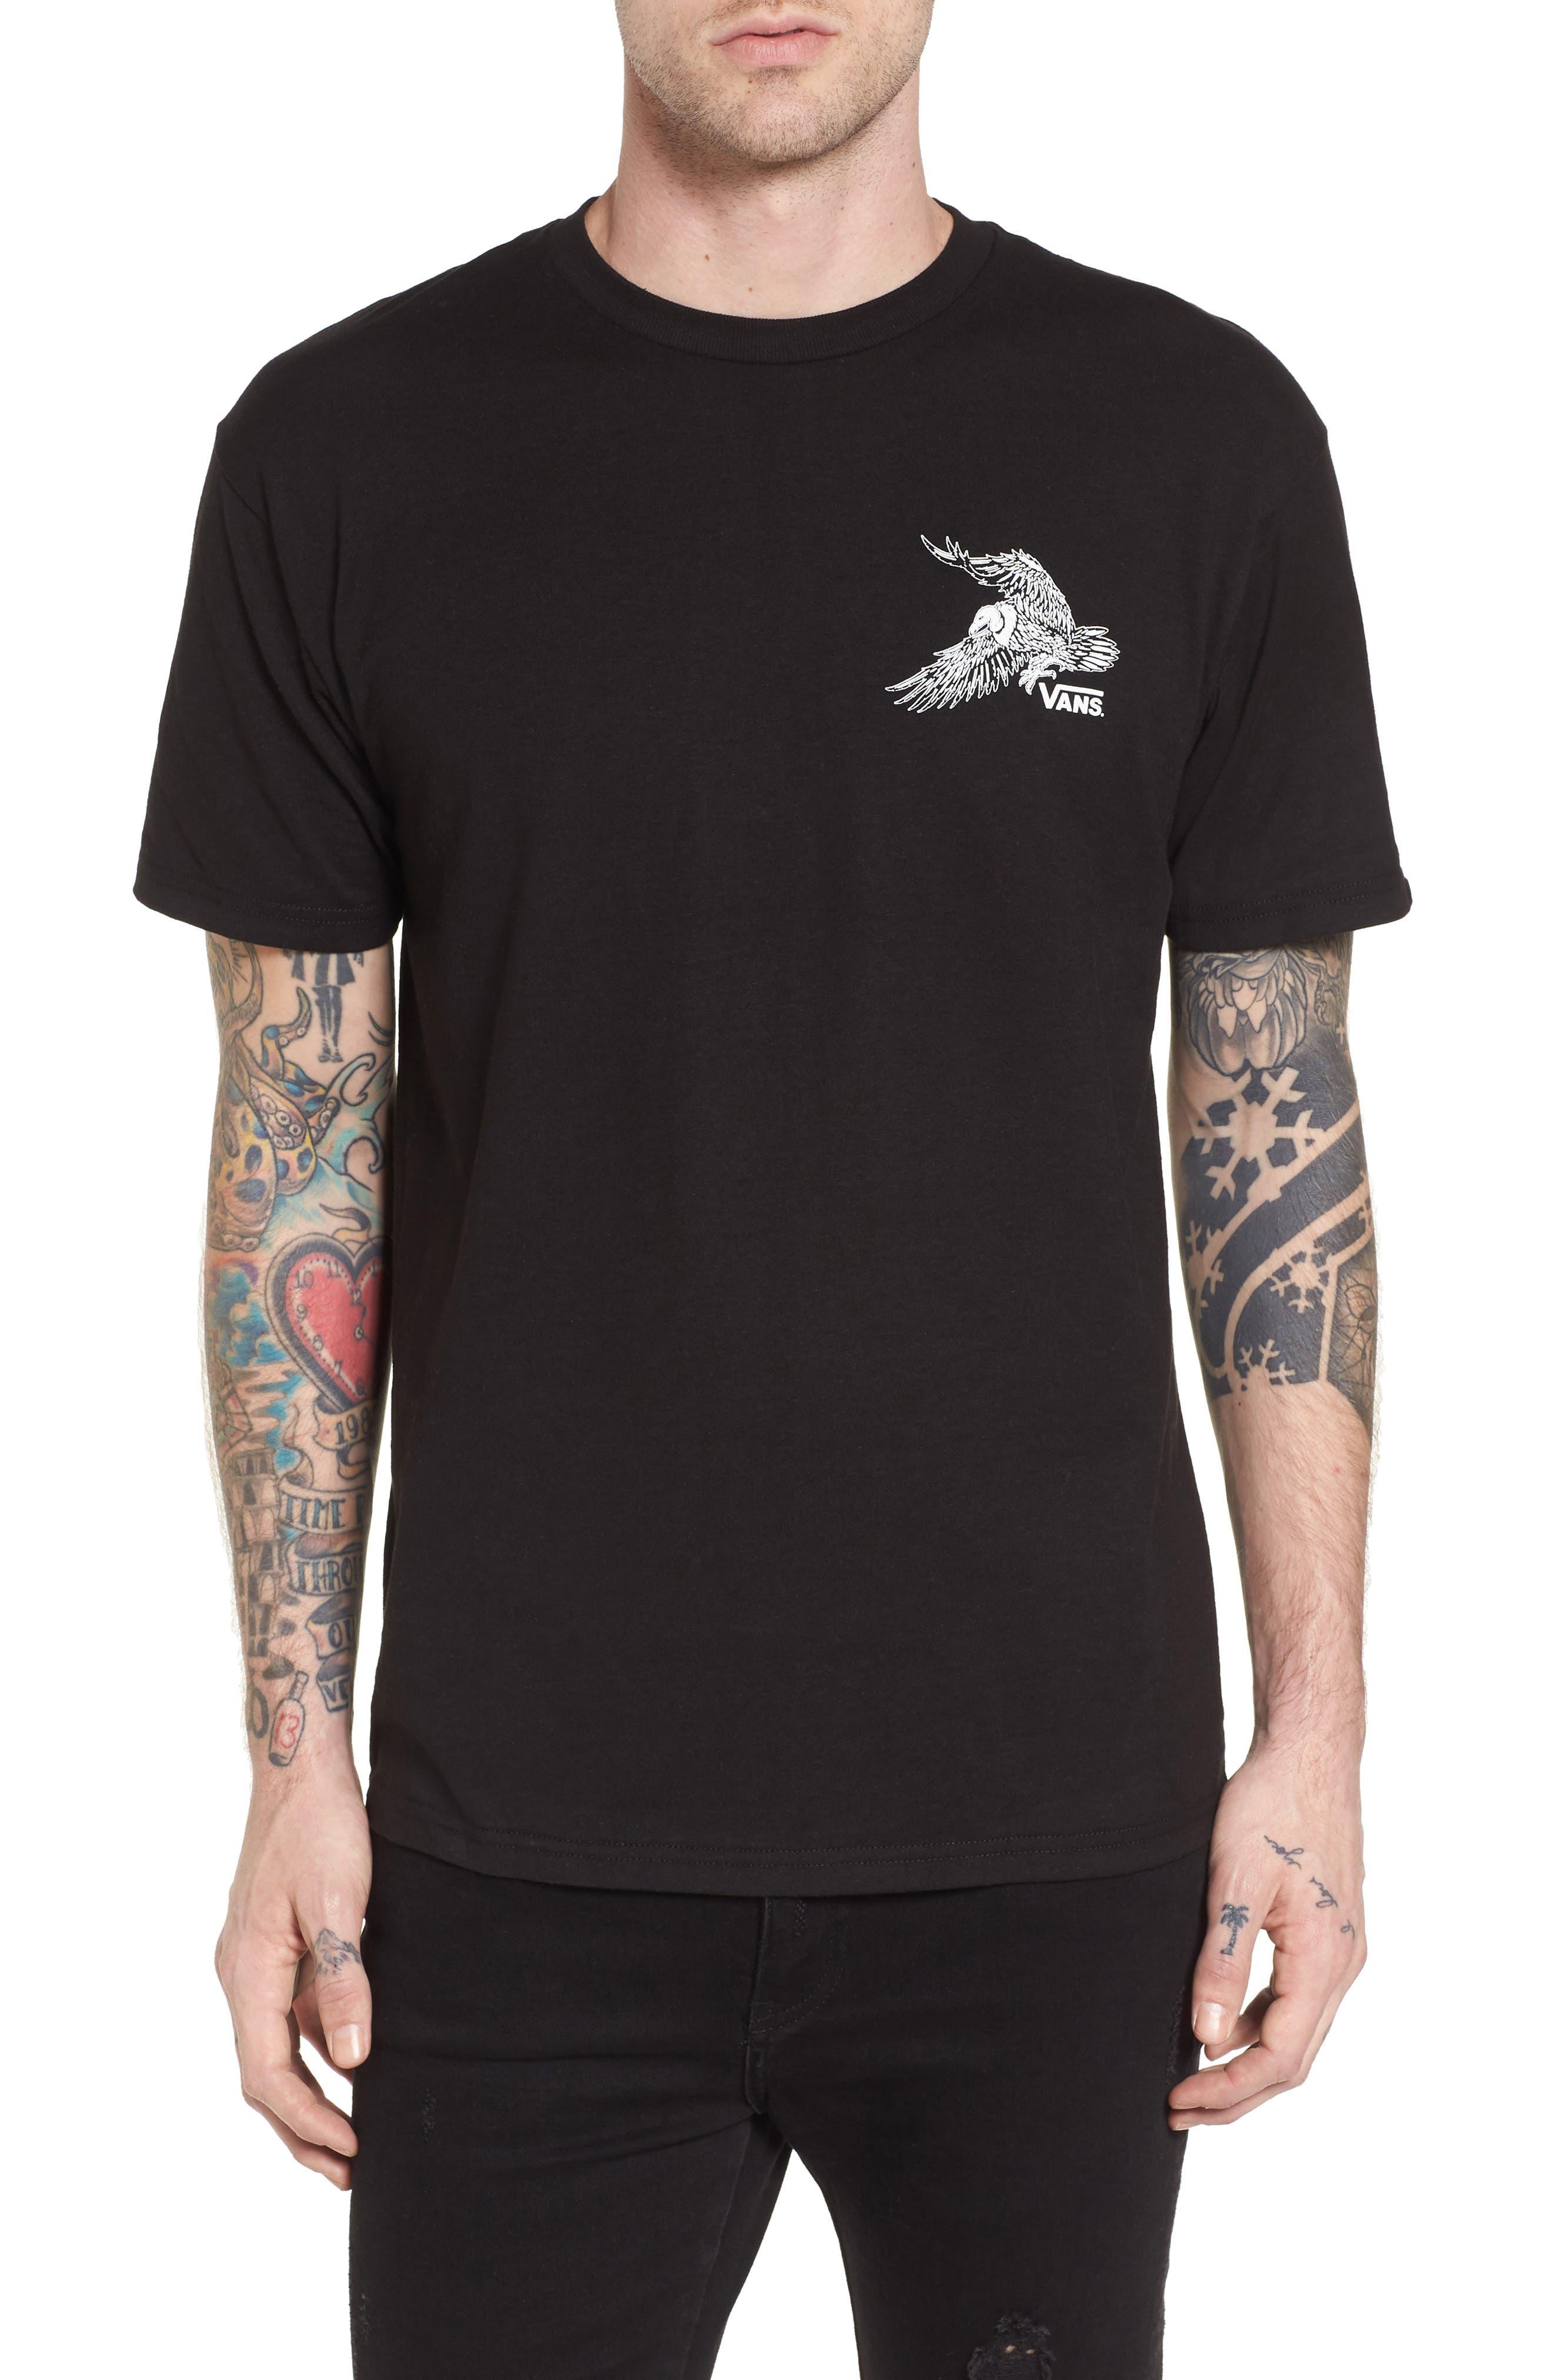 Vans Vulture Graphic T-Shirt